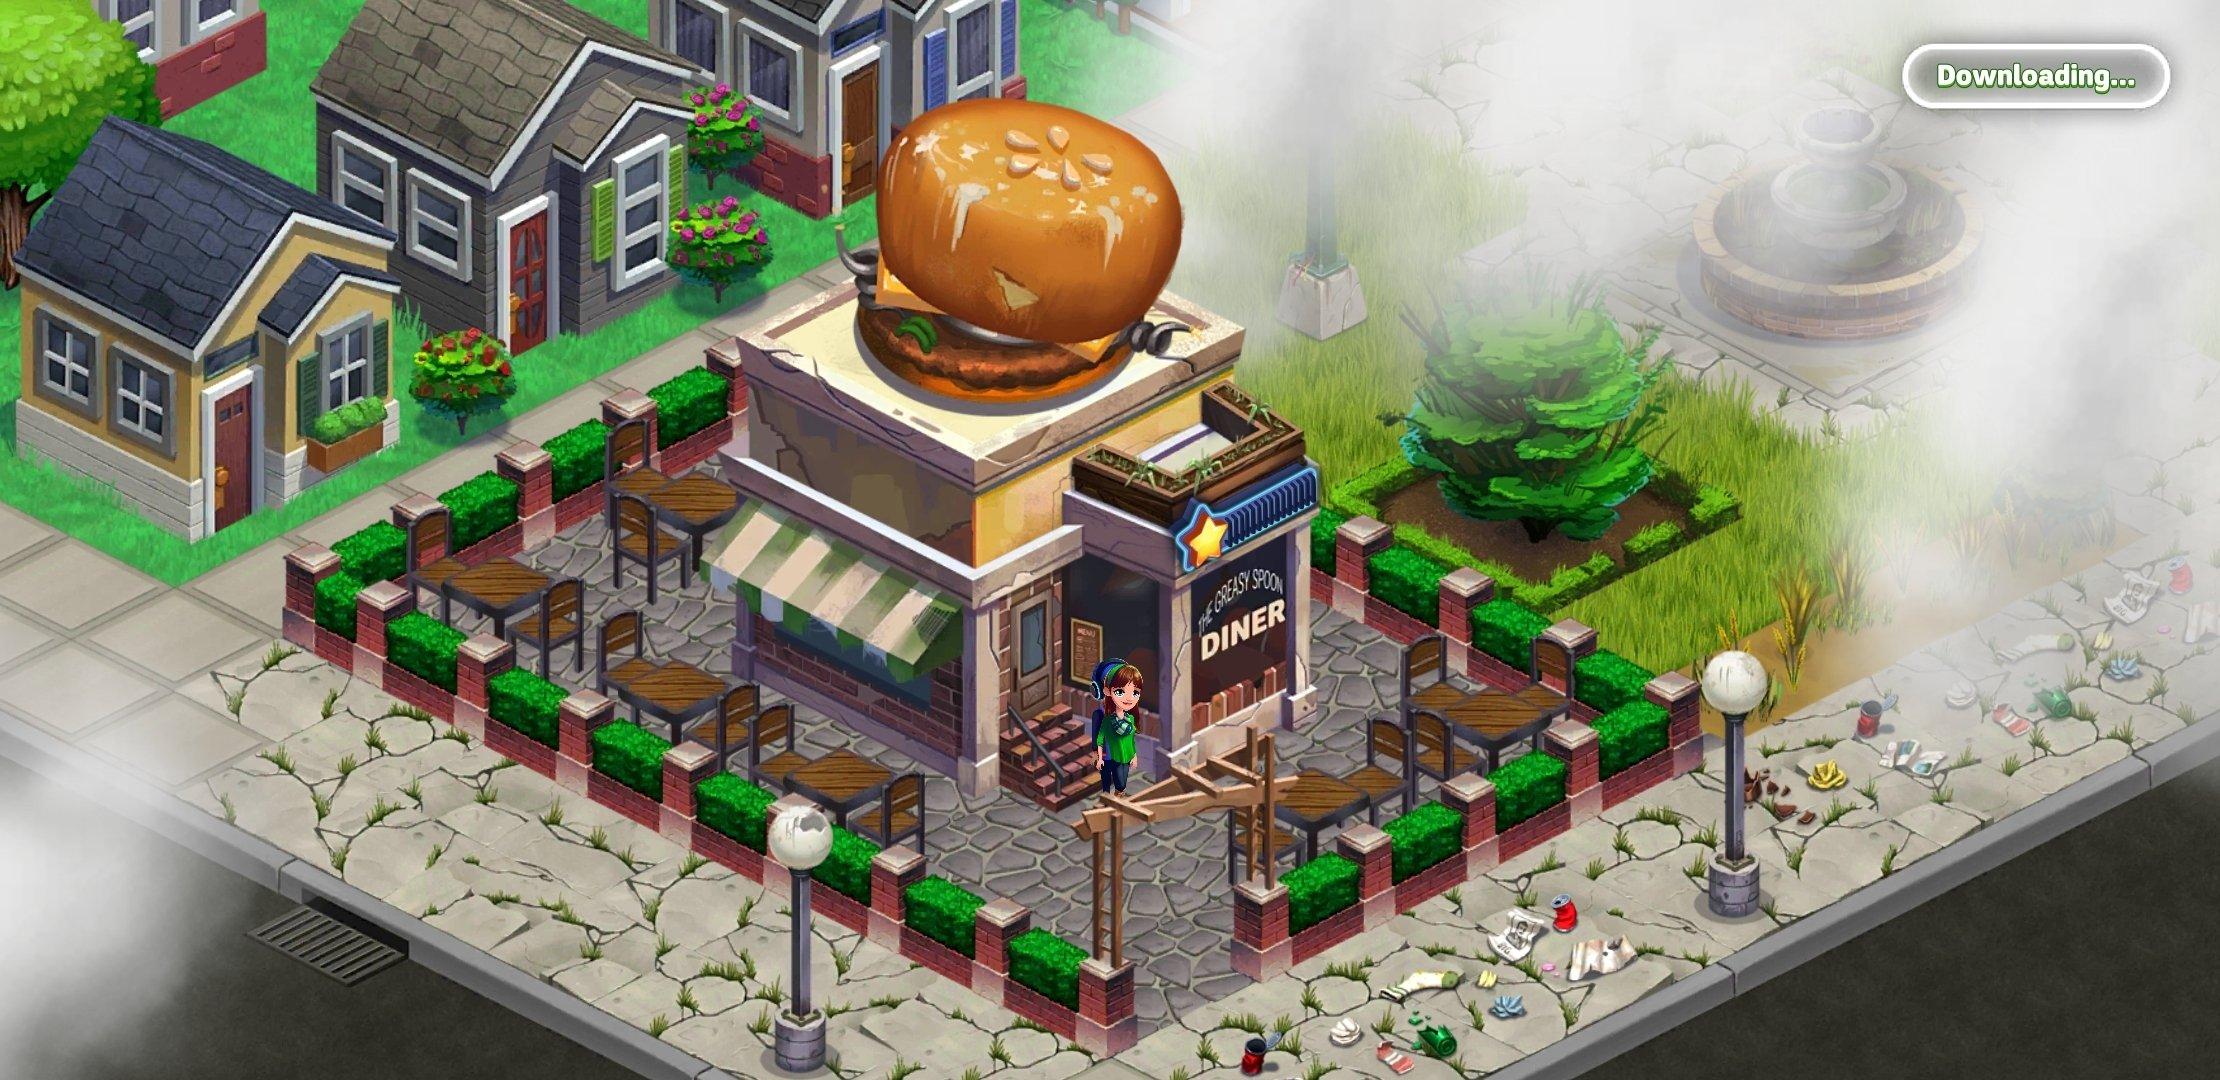 diner dash 3 free download full version for pc offline